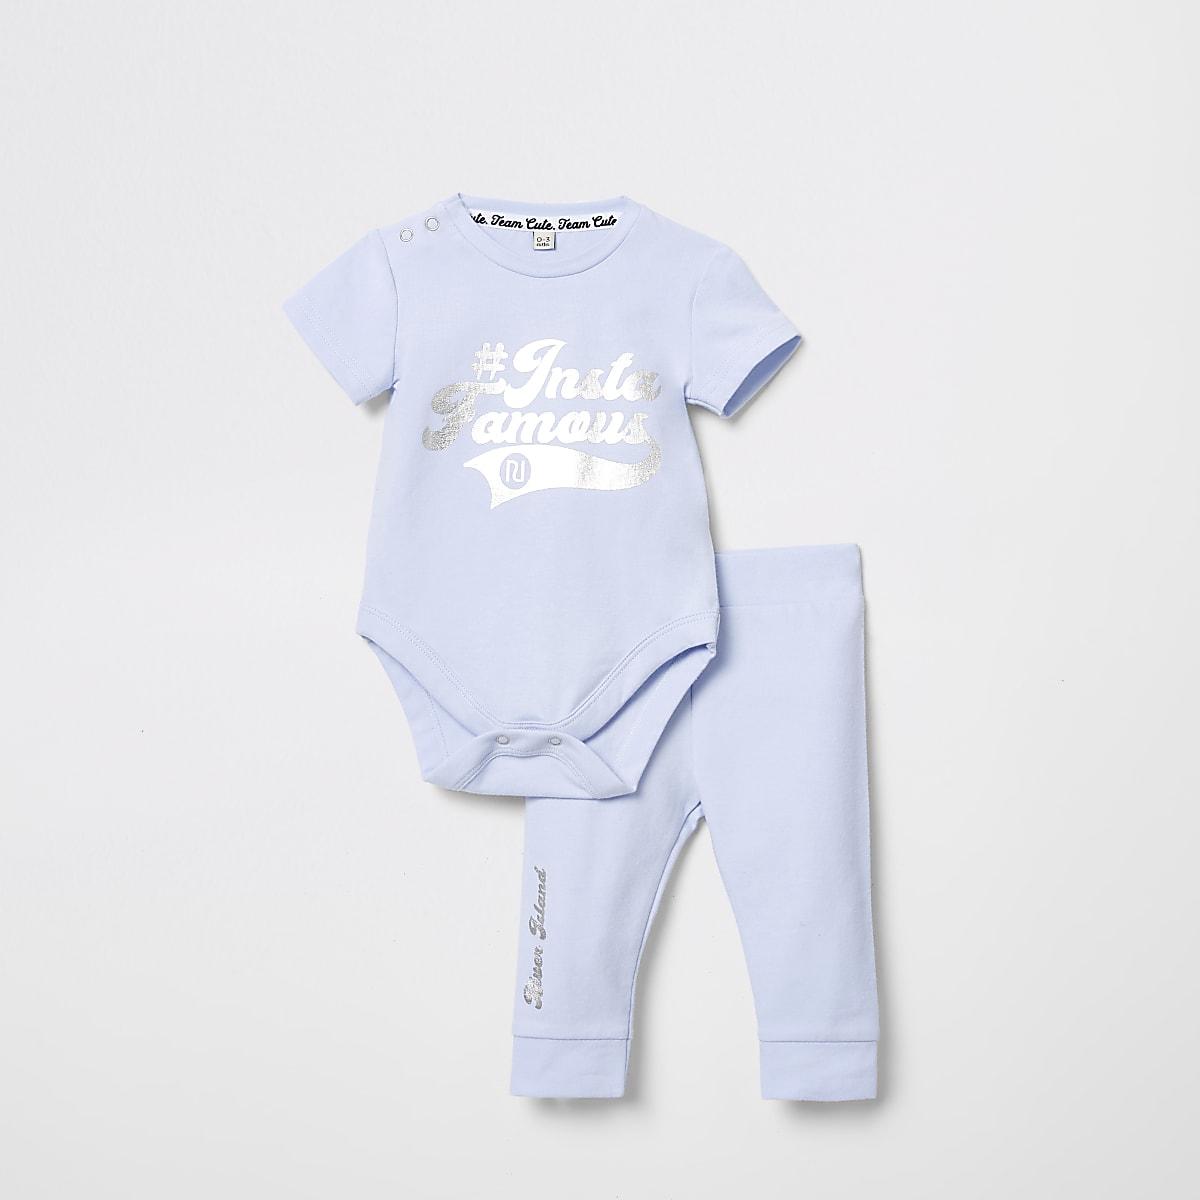 Outfit met blauw rompertje met #Instafamous-print voor baby's